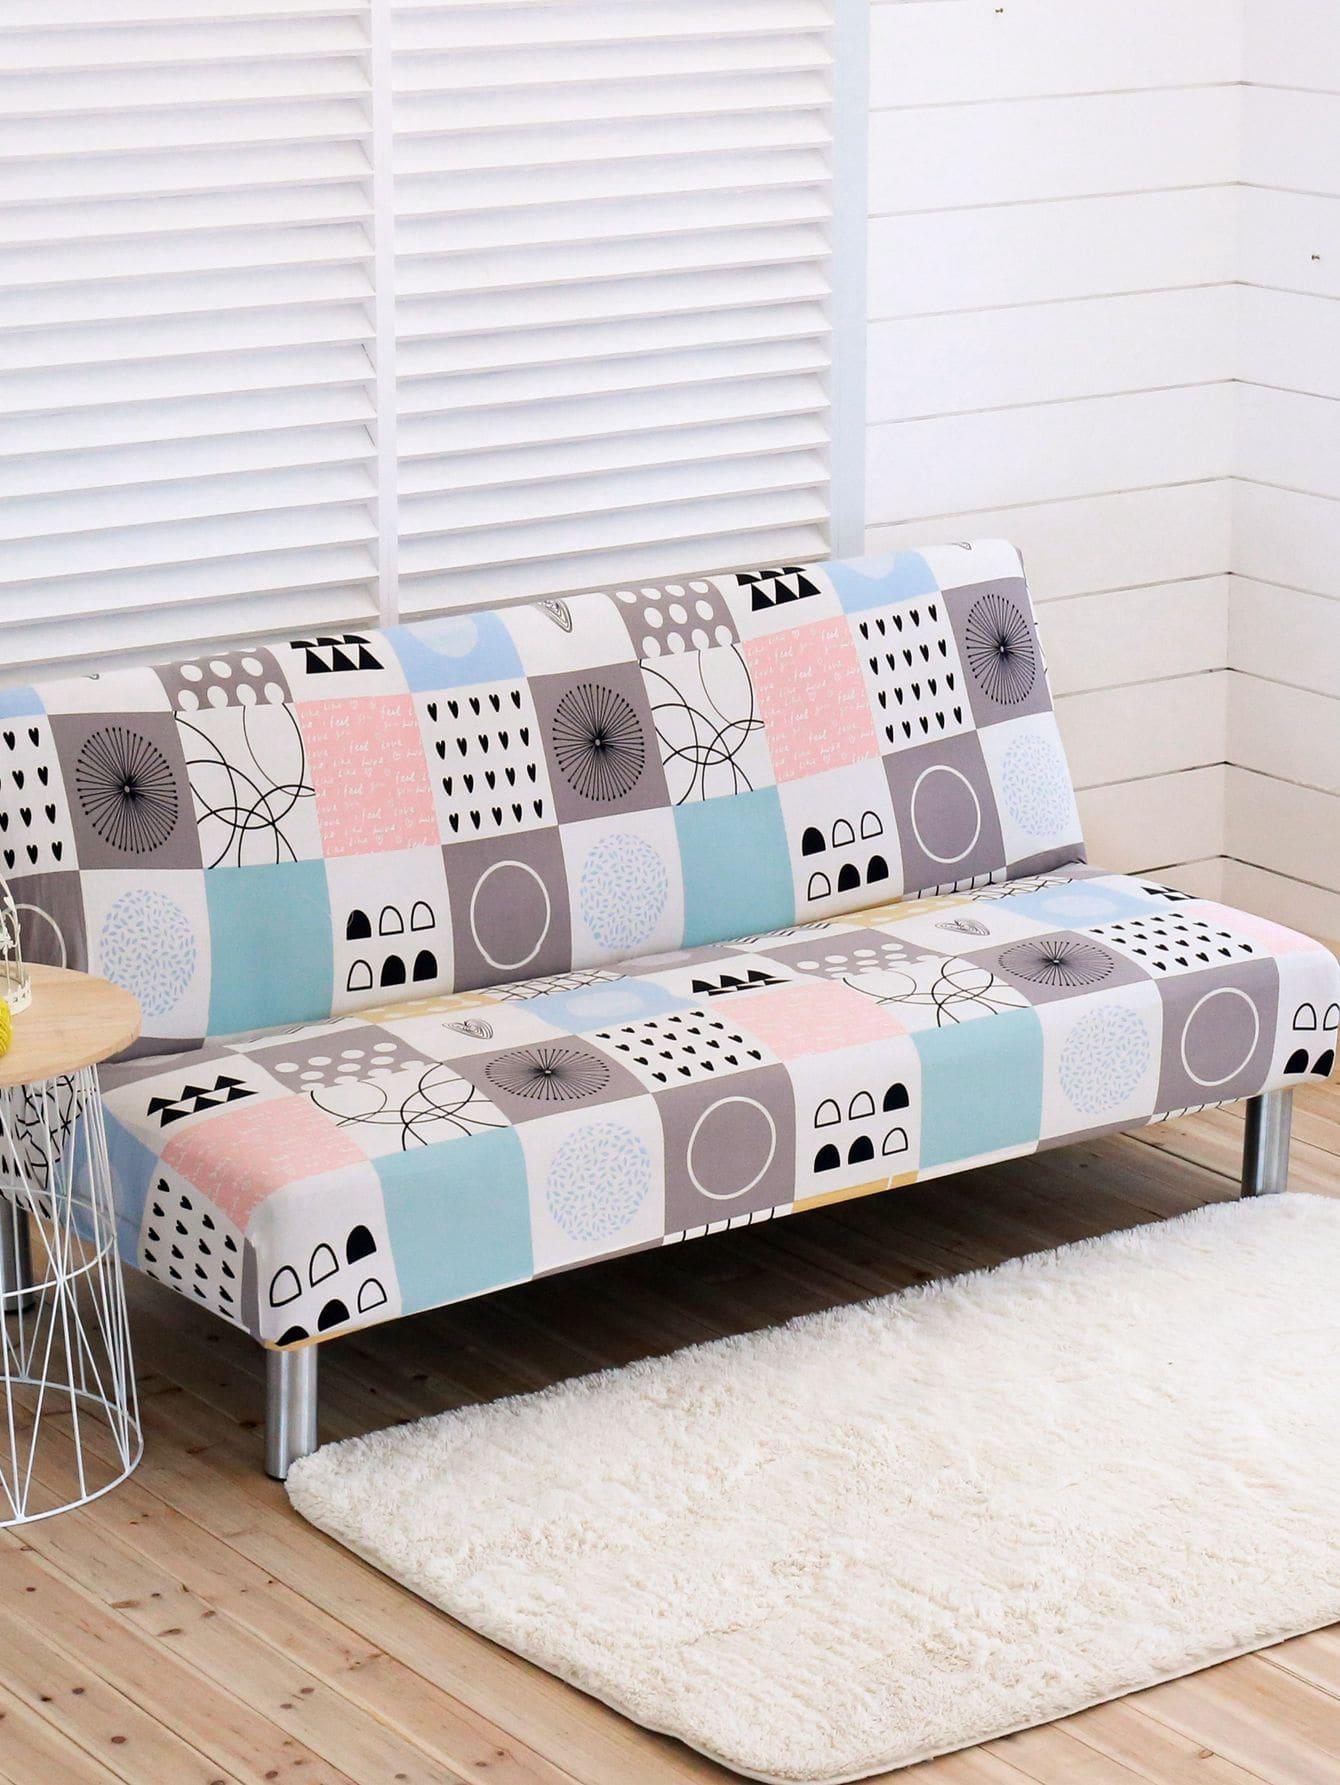 Эластичный чехол для дивана с принтом геометрических фигур